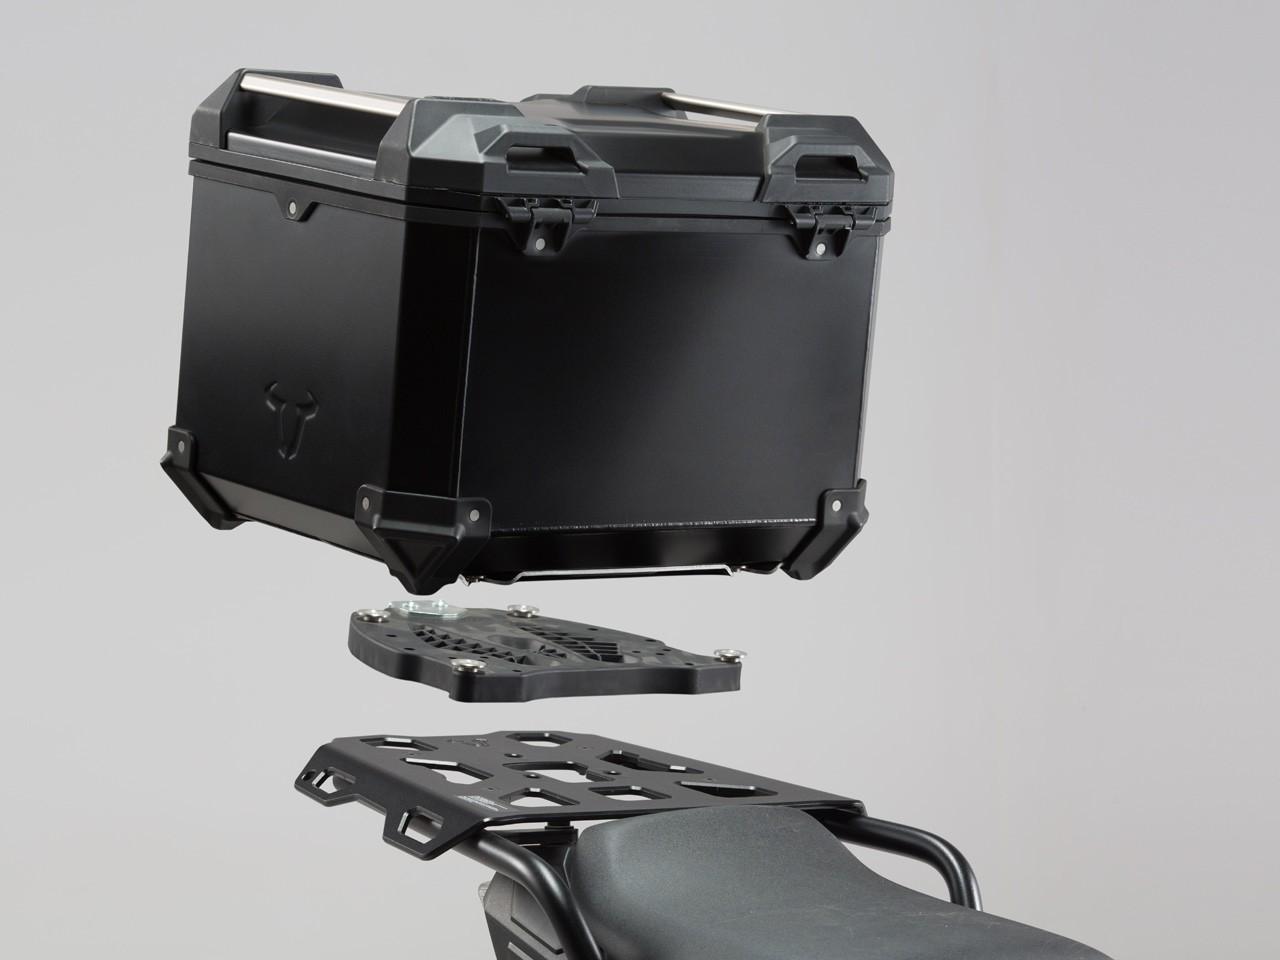 Suzuki V-Strom 1000 (14-) - sada horního nosiče s kufrem TRAX Ad